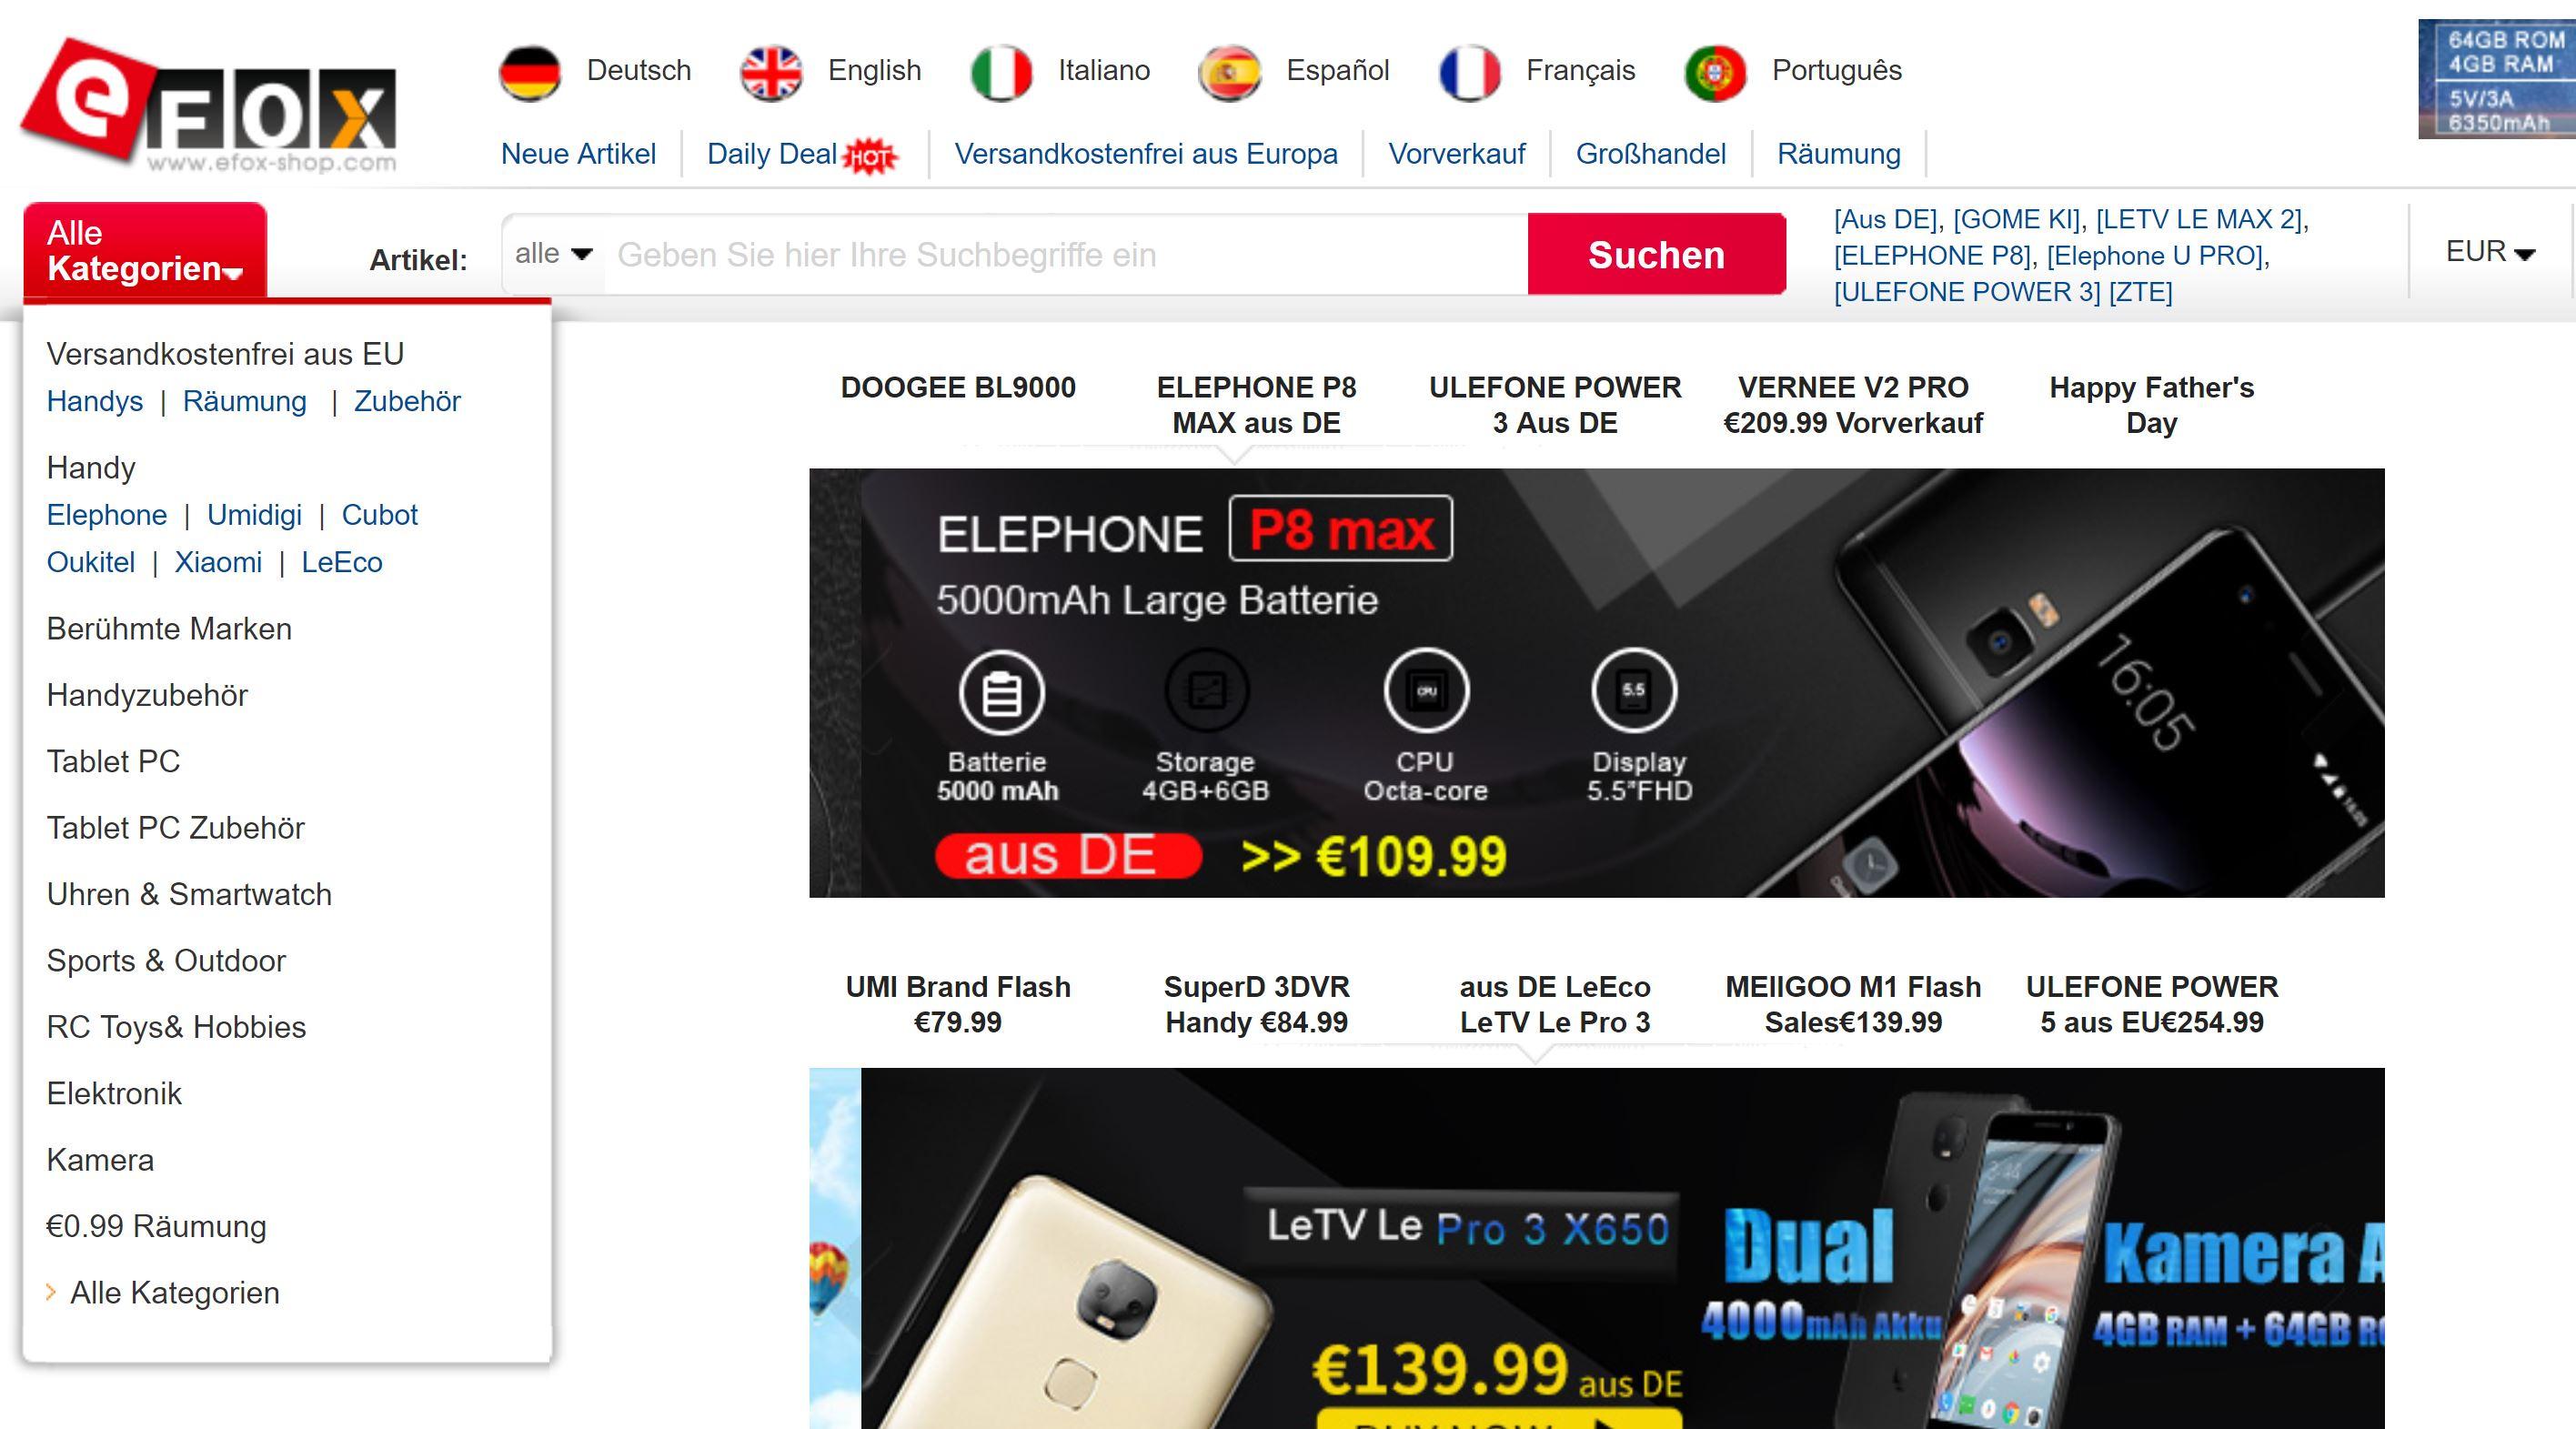 Efox-shop Erfahrung Bewertung